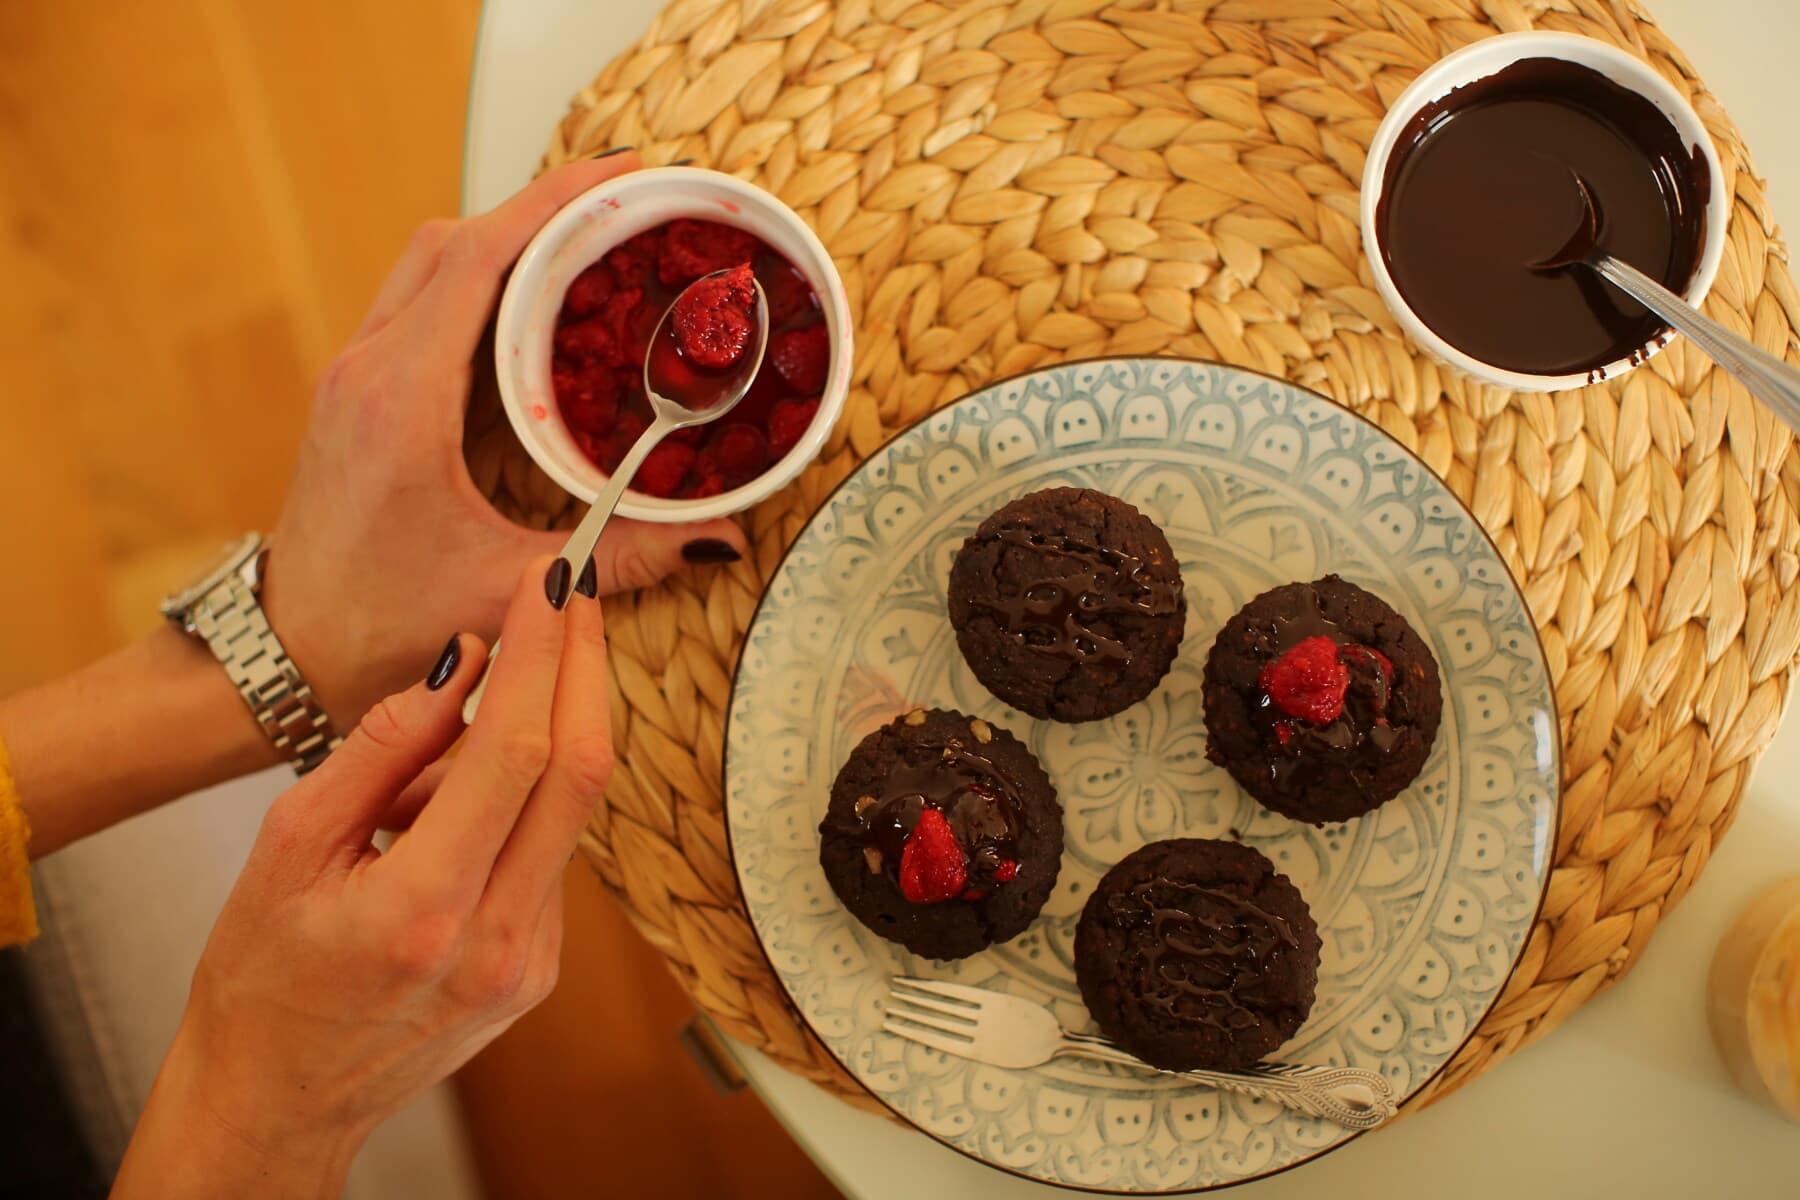 Schokolade, heiß, Beeren, Cupcake, Keks, Frühstück, hausgemachte, Backwaren, Essen, sehr lecker